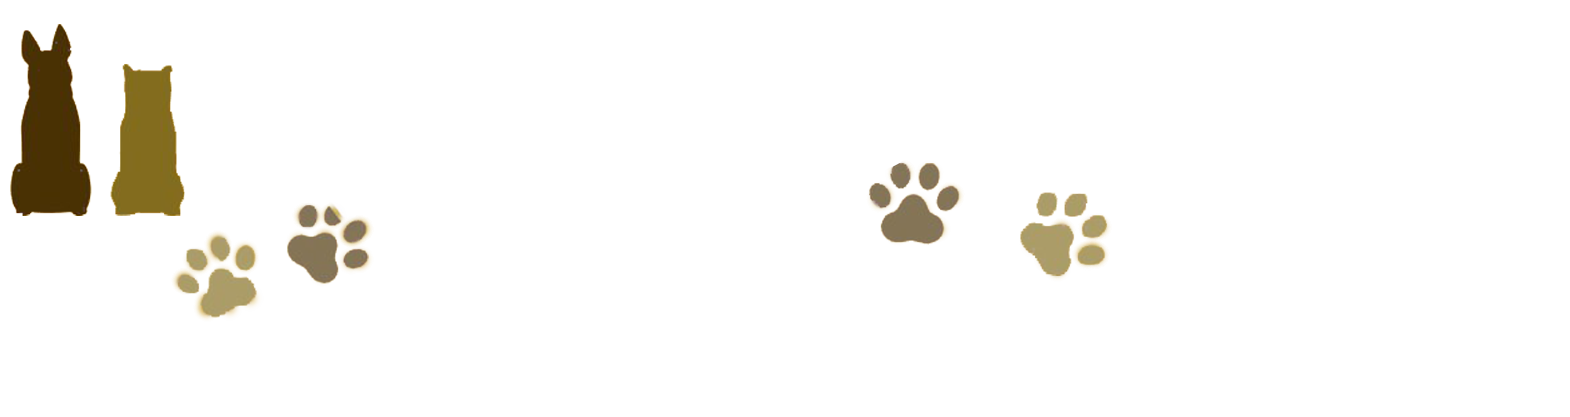 ハチとパルマの物語